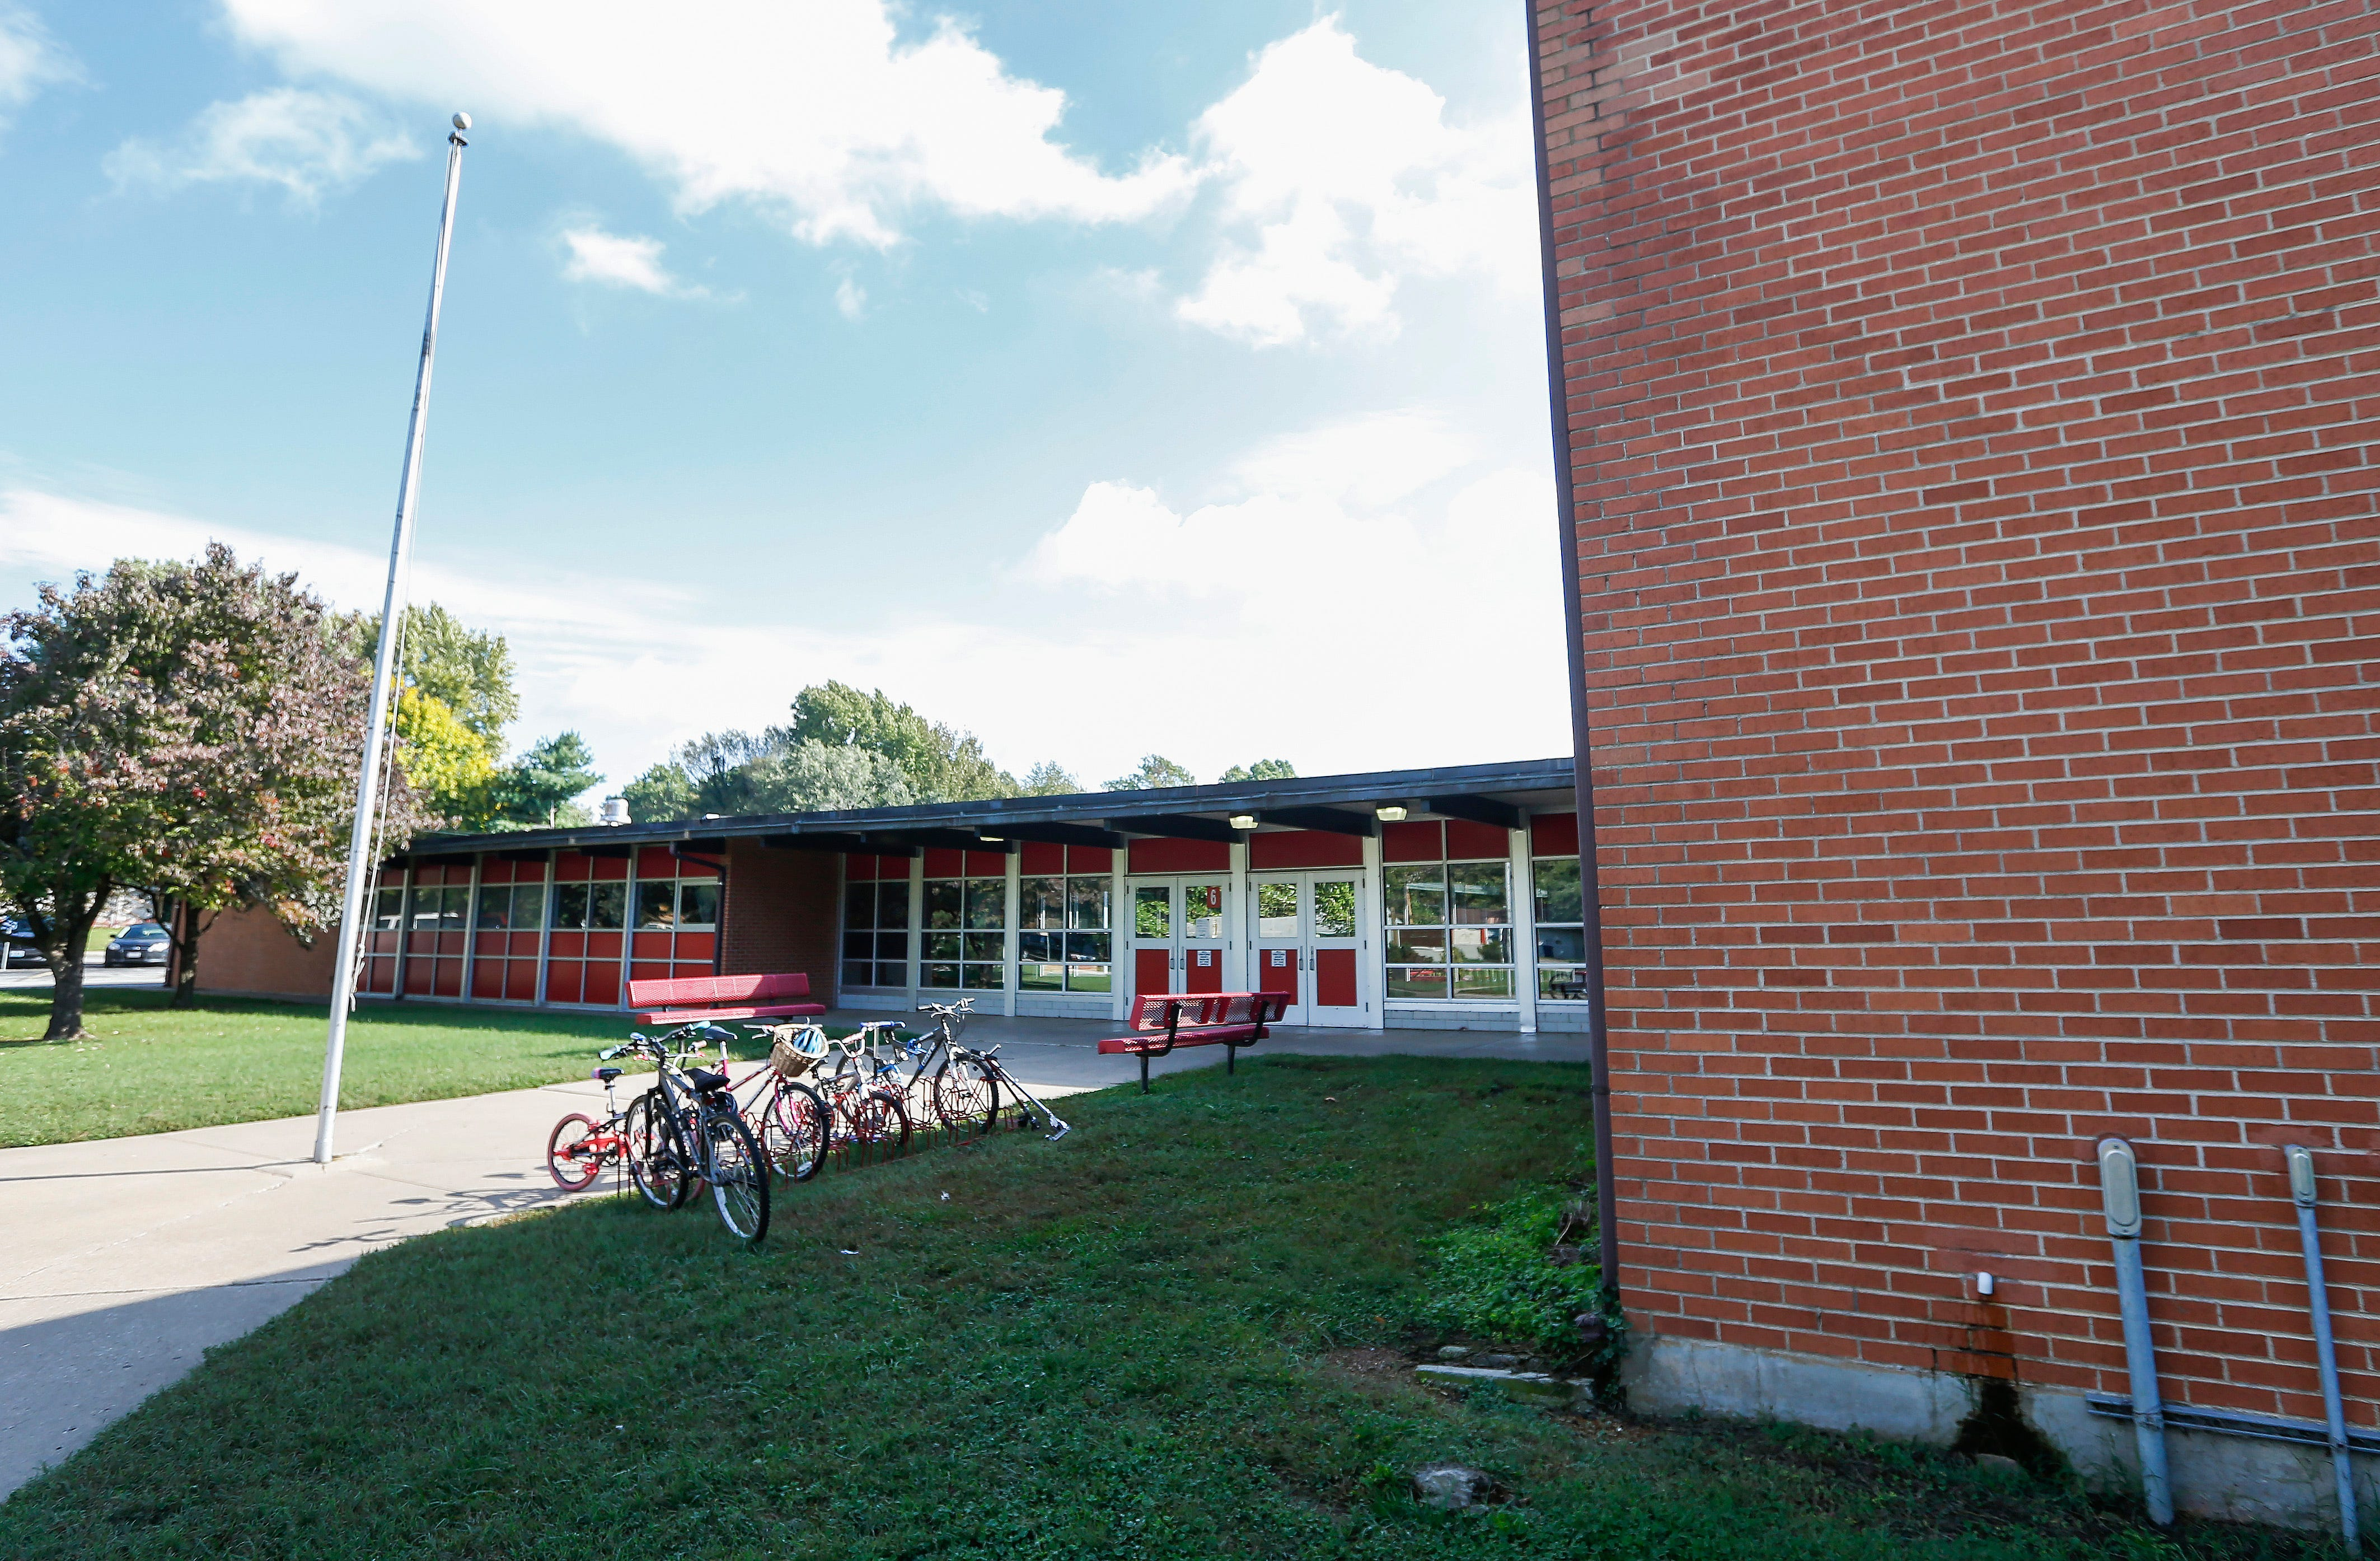 Pershing Elementary School.